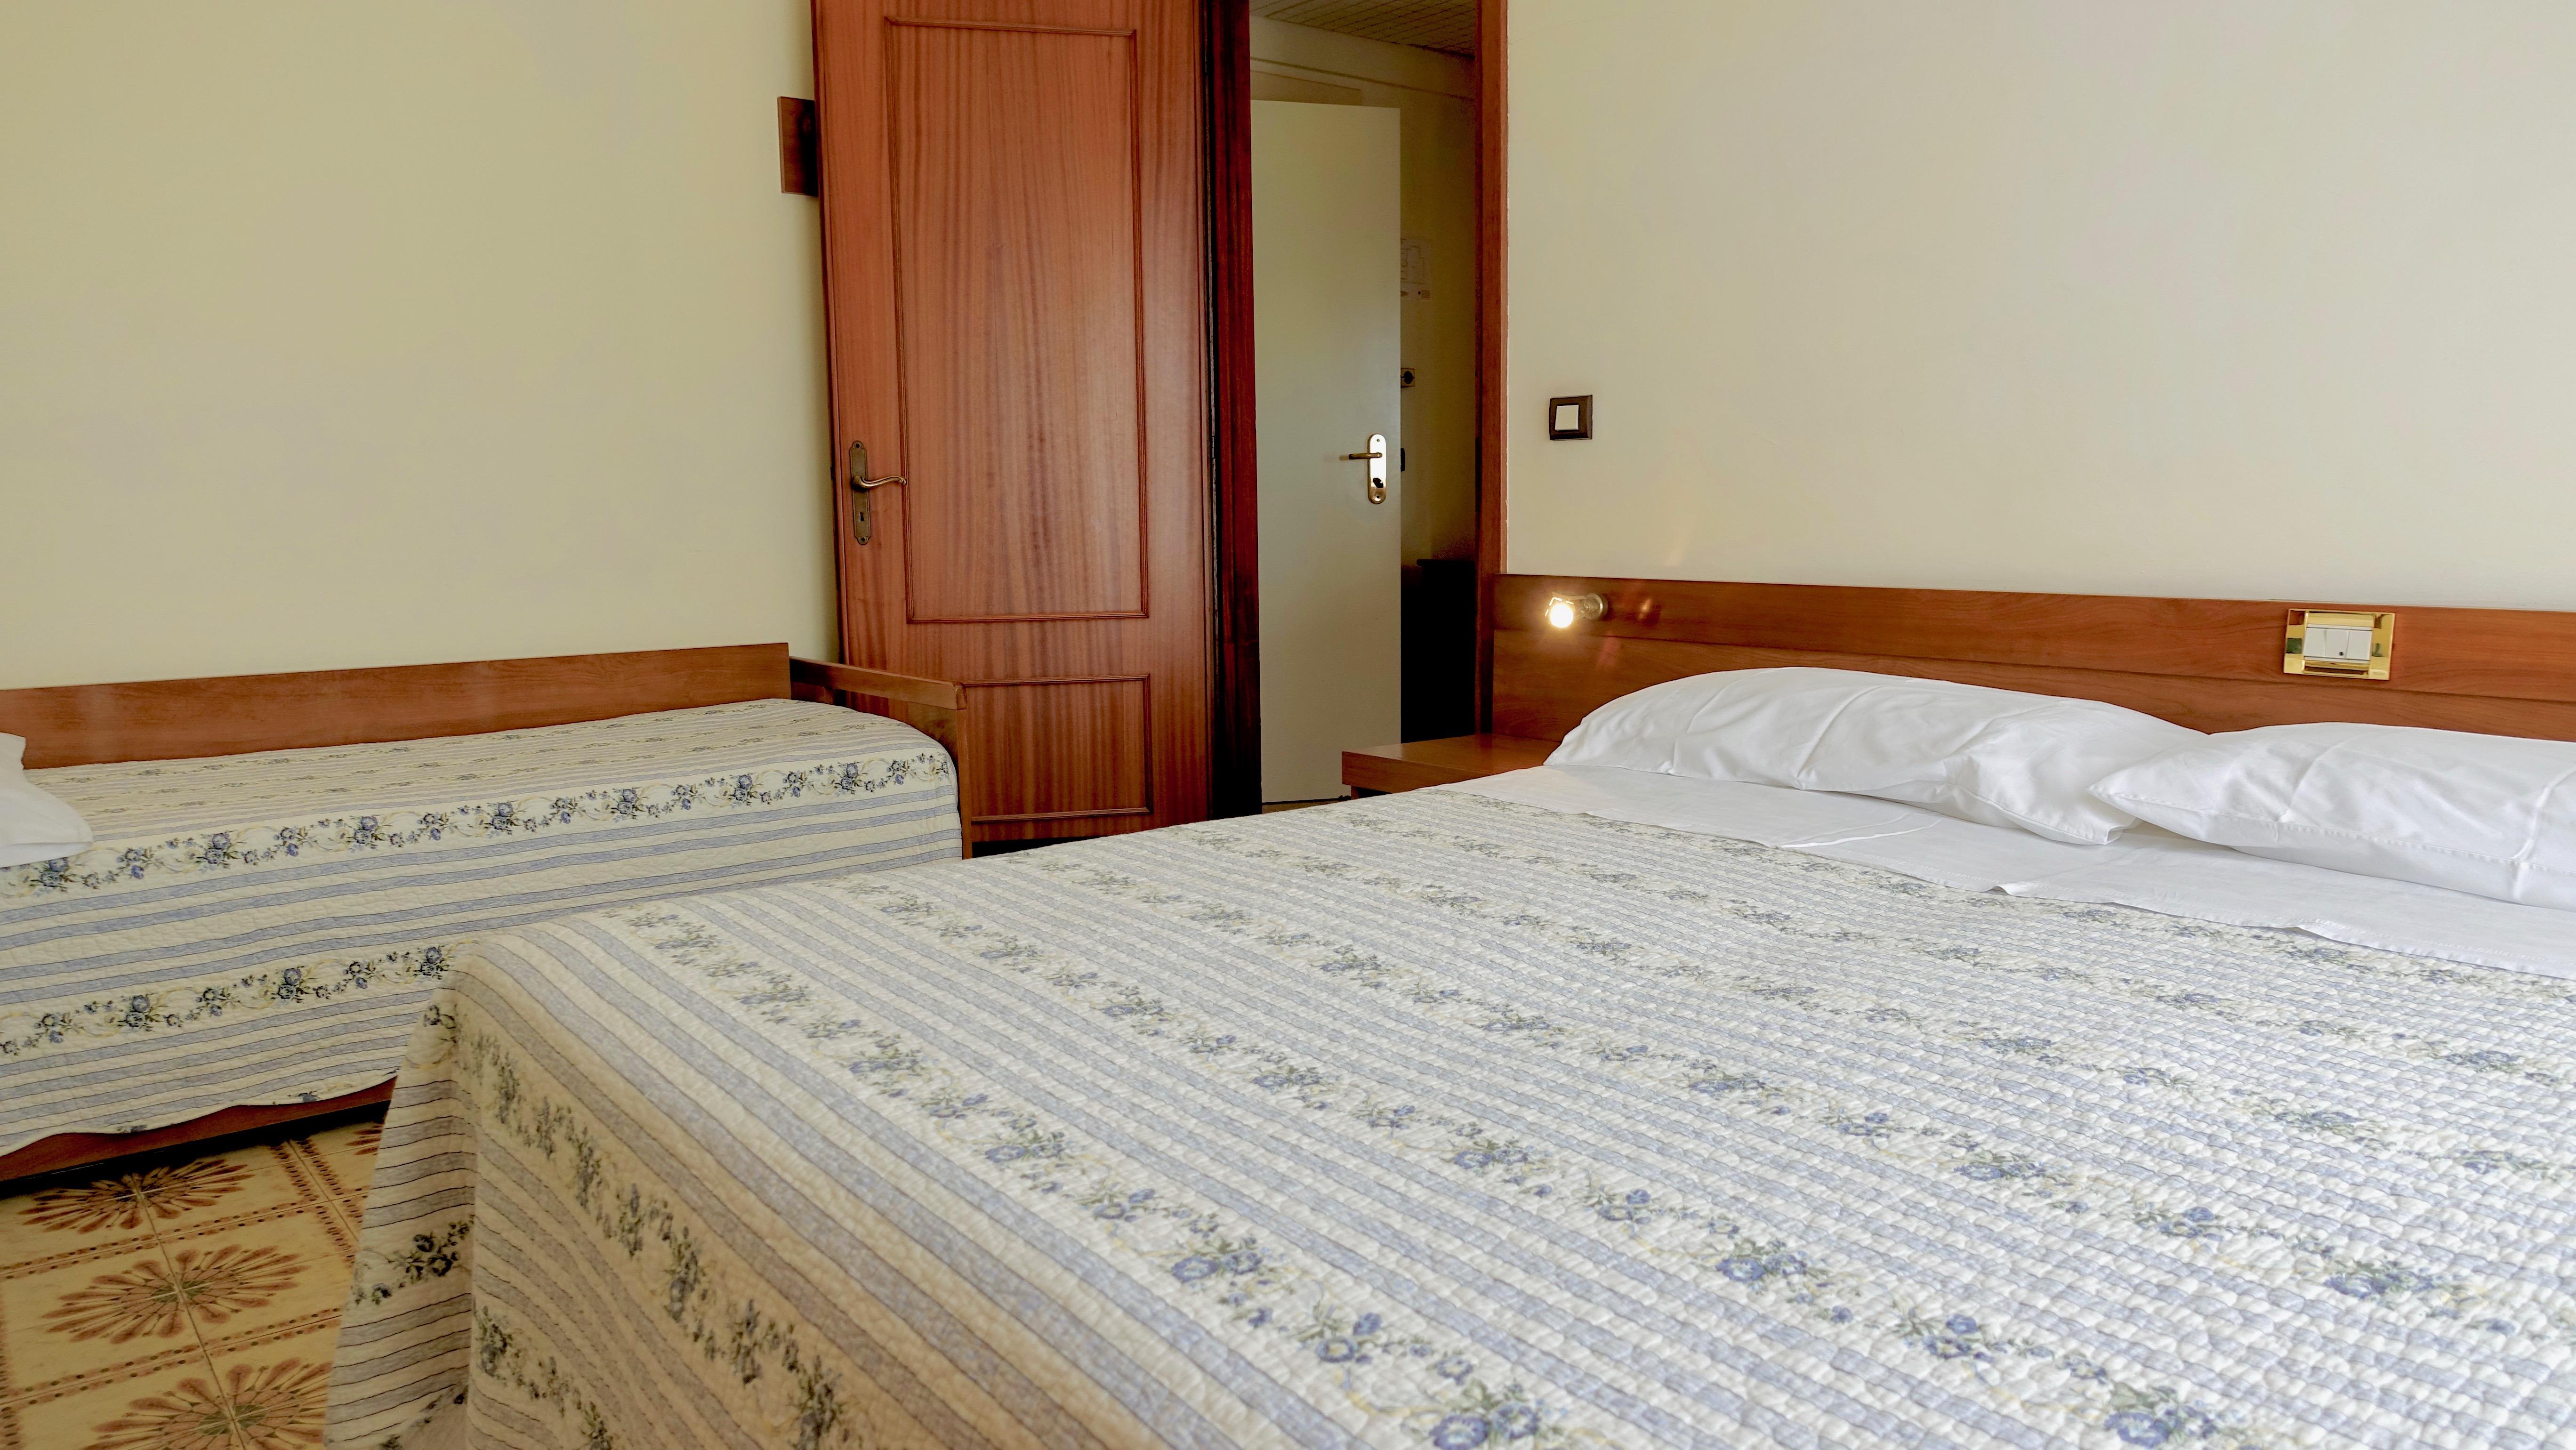 appartamenti per vacanza pietra ligu